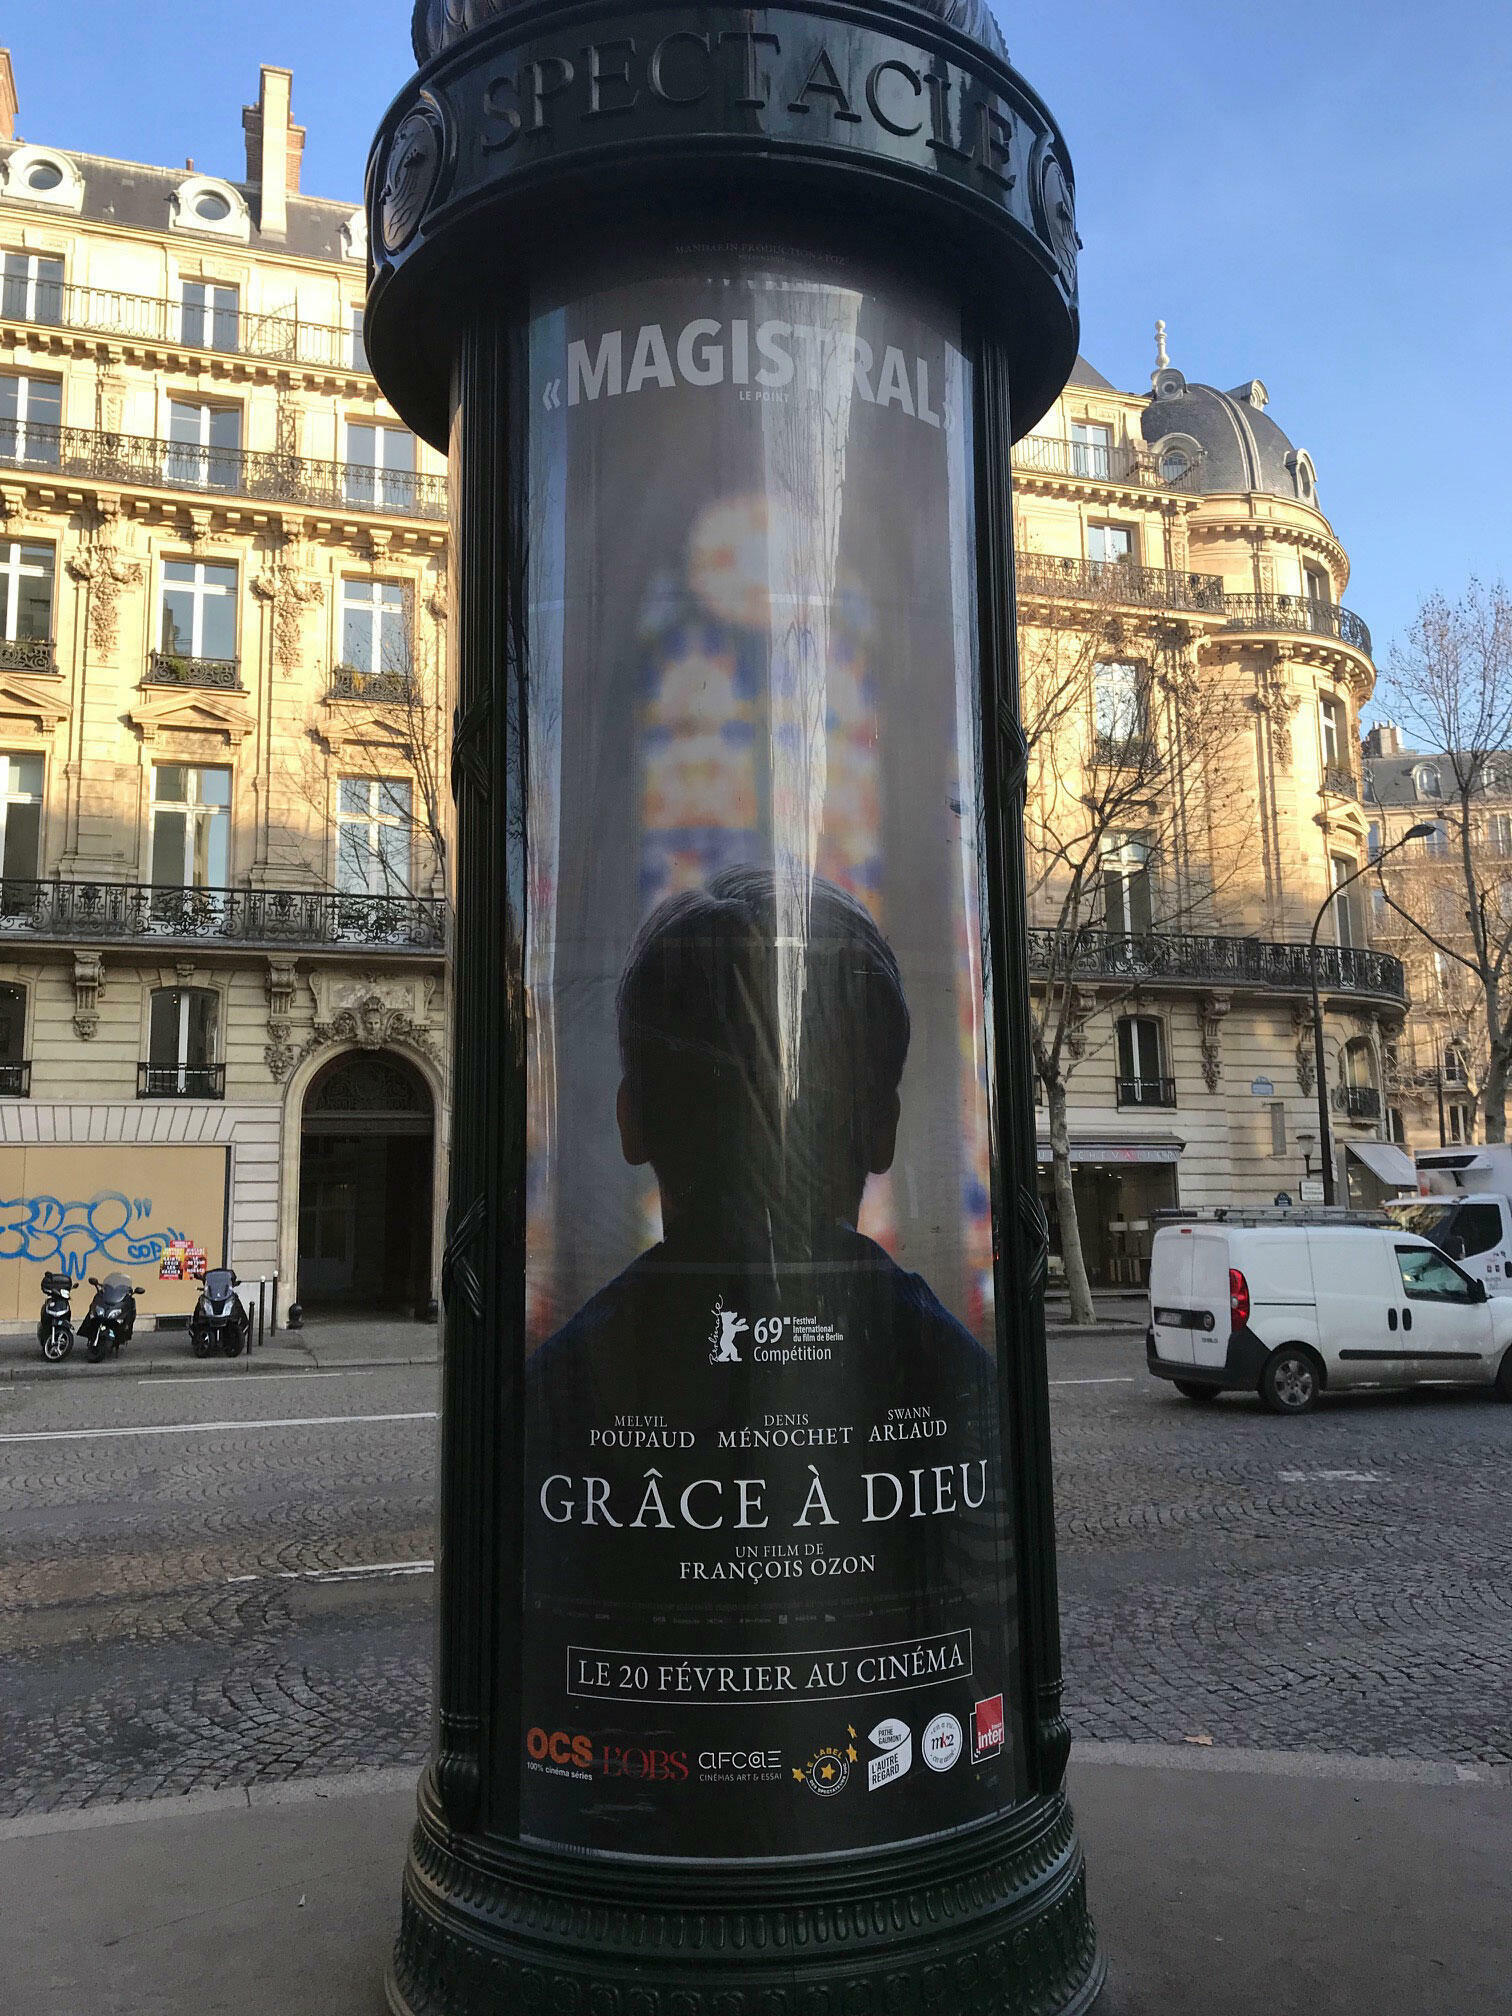 18 февраля суд решил, что фильм Франсуа Озона «Милостью божьей» выйдет на французские экраны